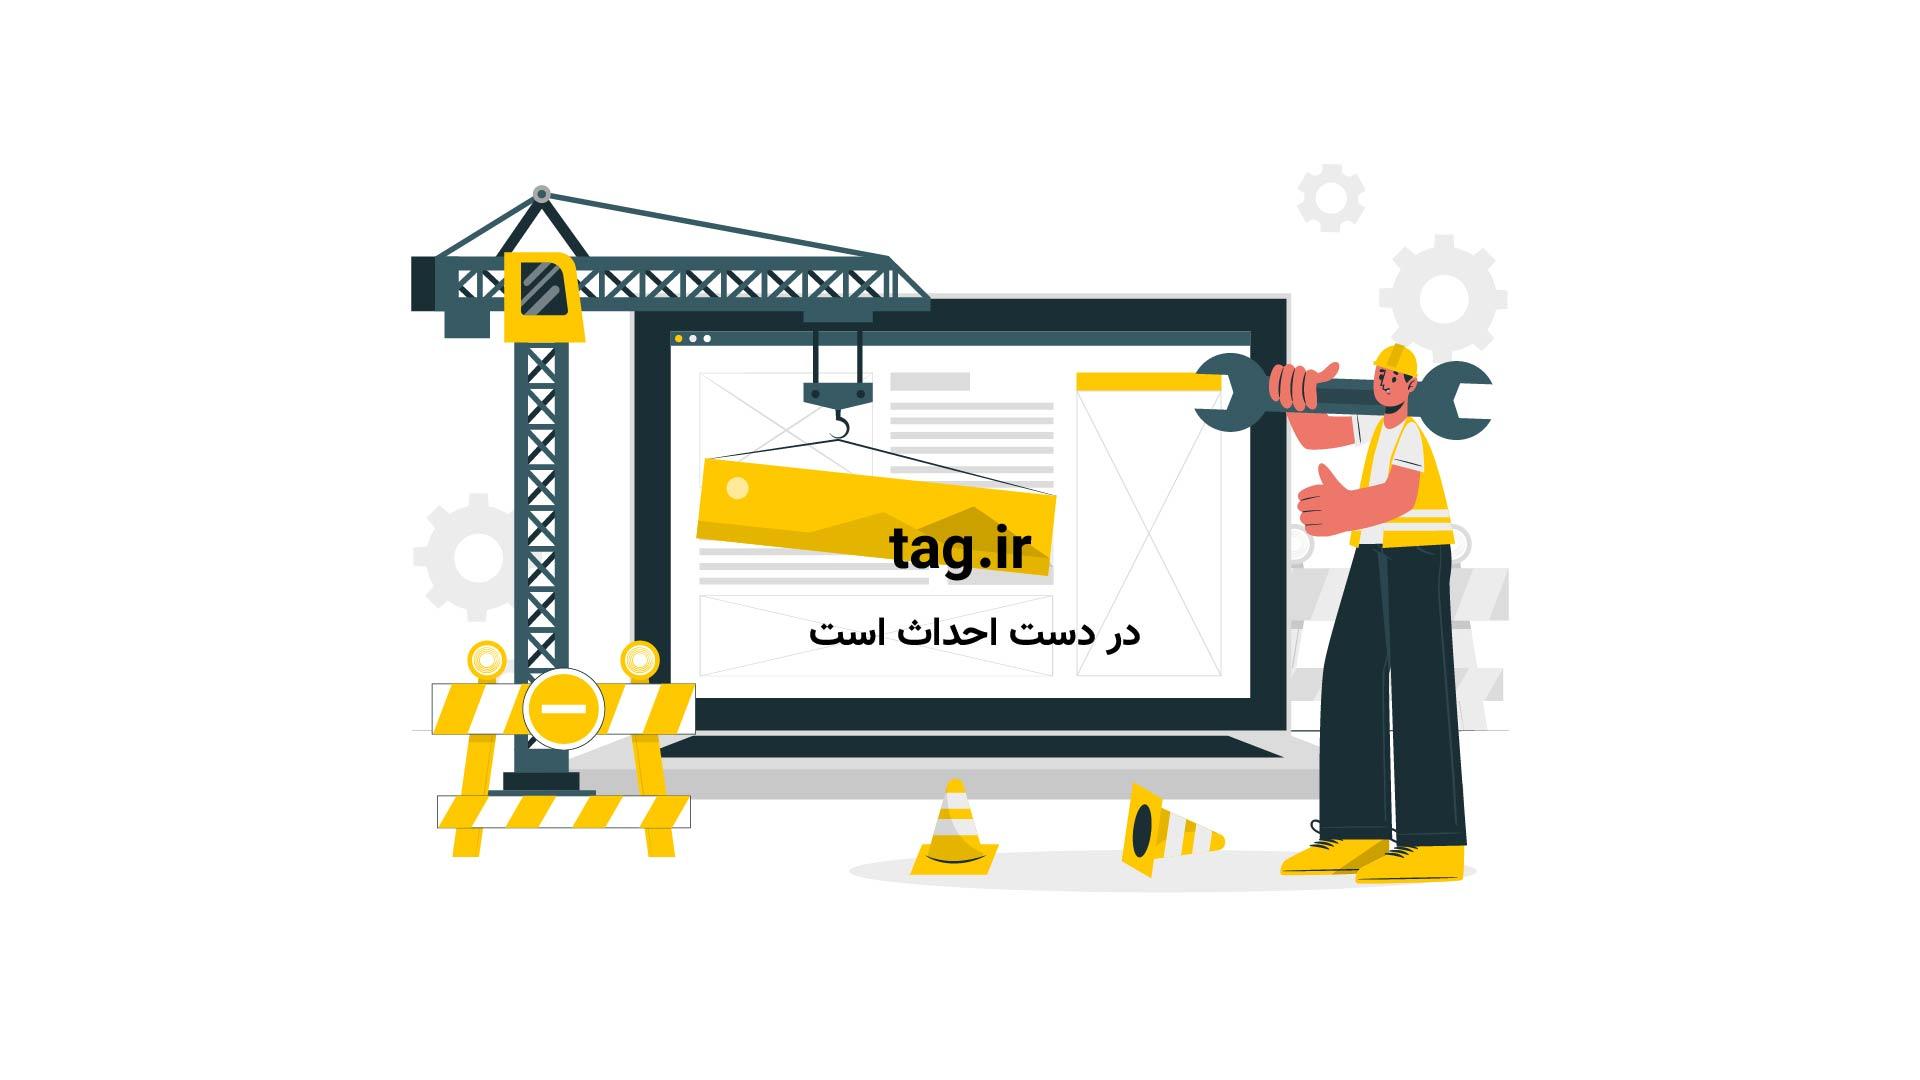 تصادف ماشین | تگ